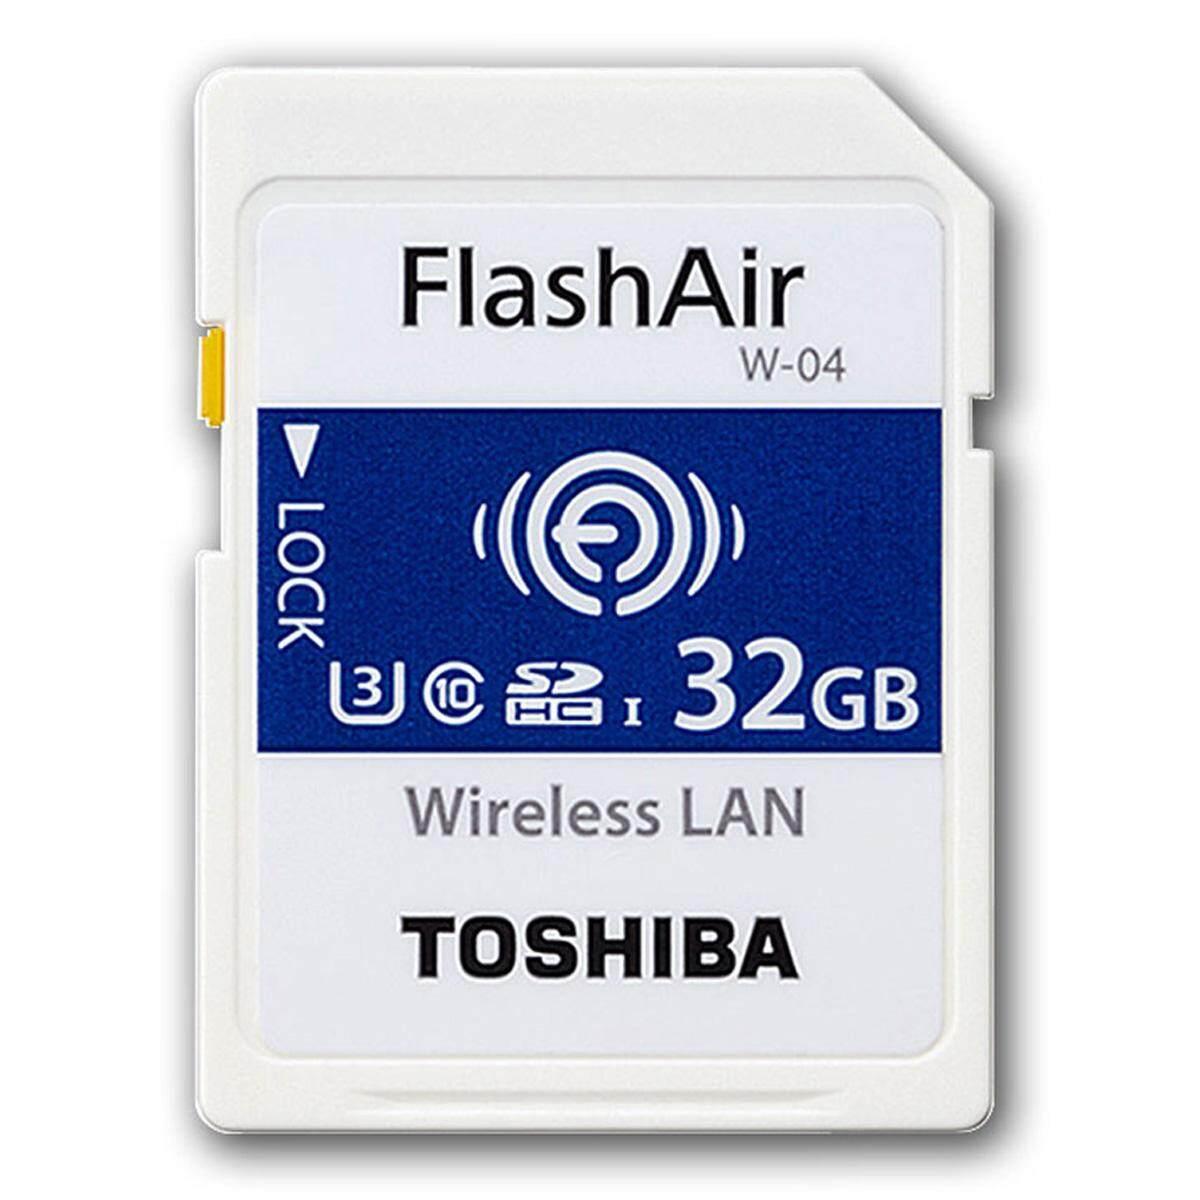 Toshiba FlashAir Wireless LAN W-04 SDHC U3 Class10 Memory Card w/ R:90MB/s, W: 70MB/s